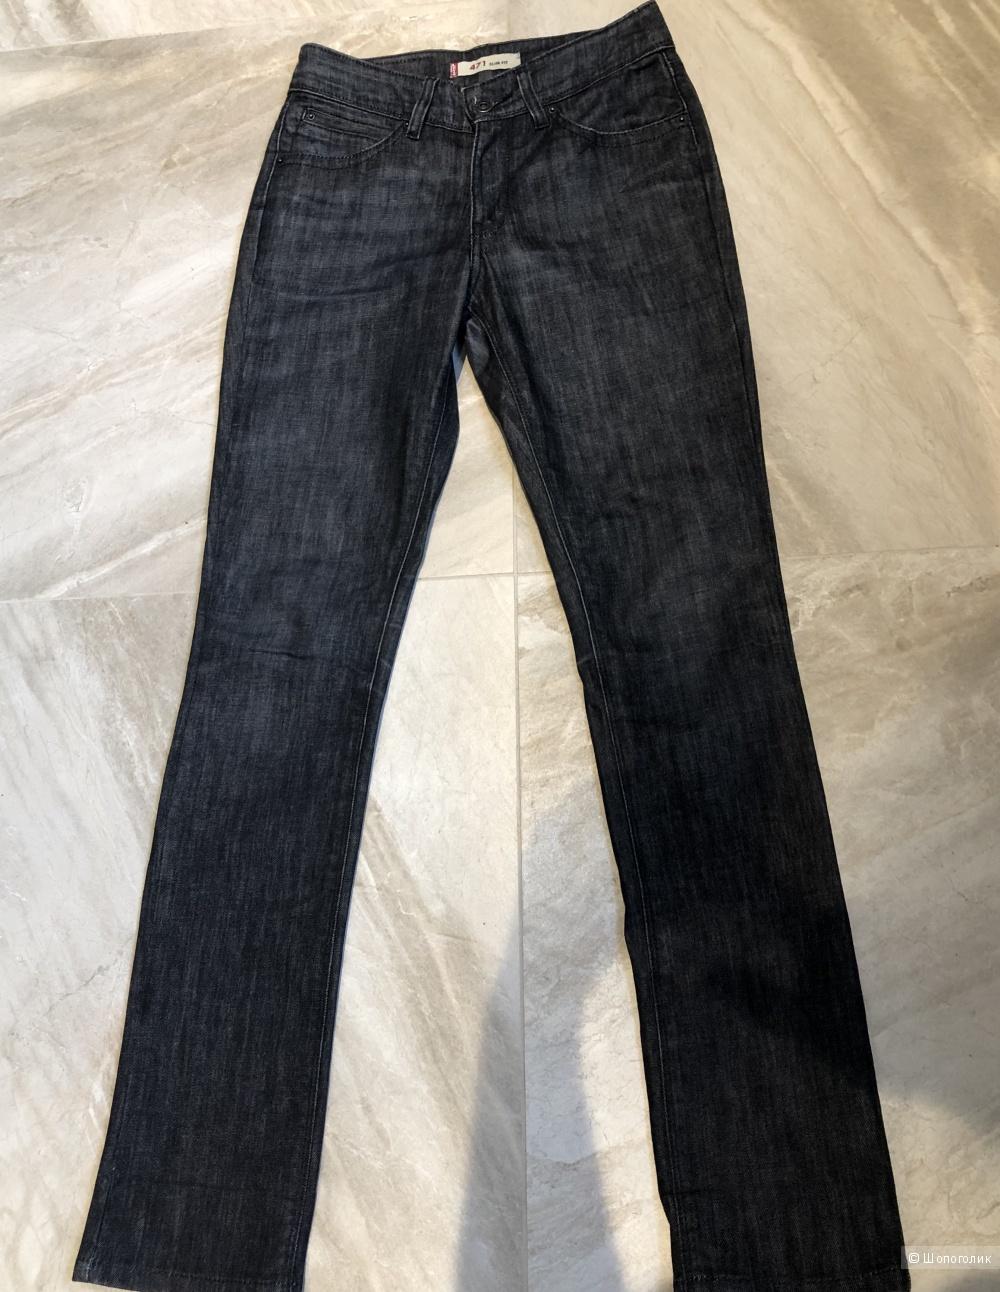 Джинсовые брюки Levis, размер 28\32